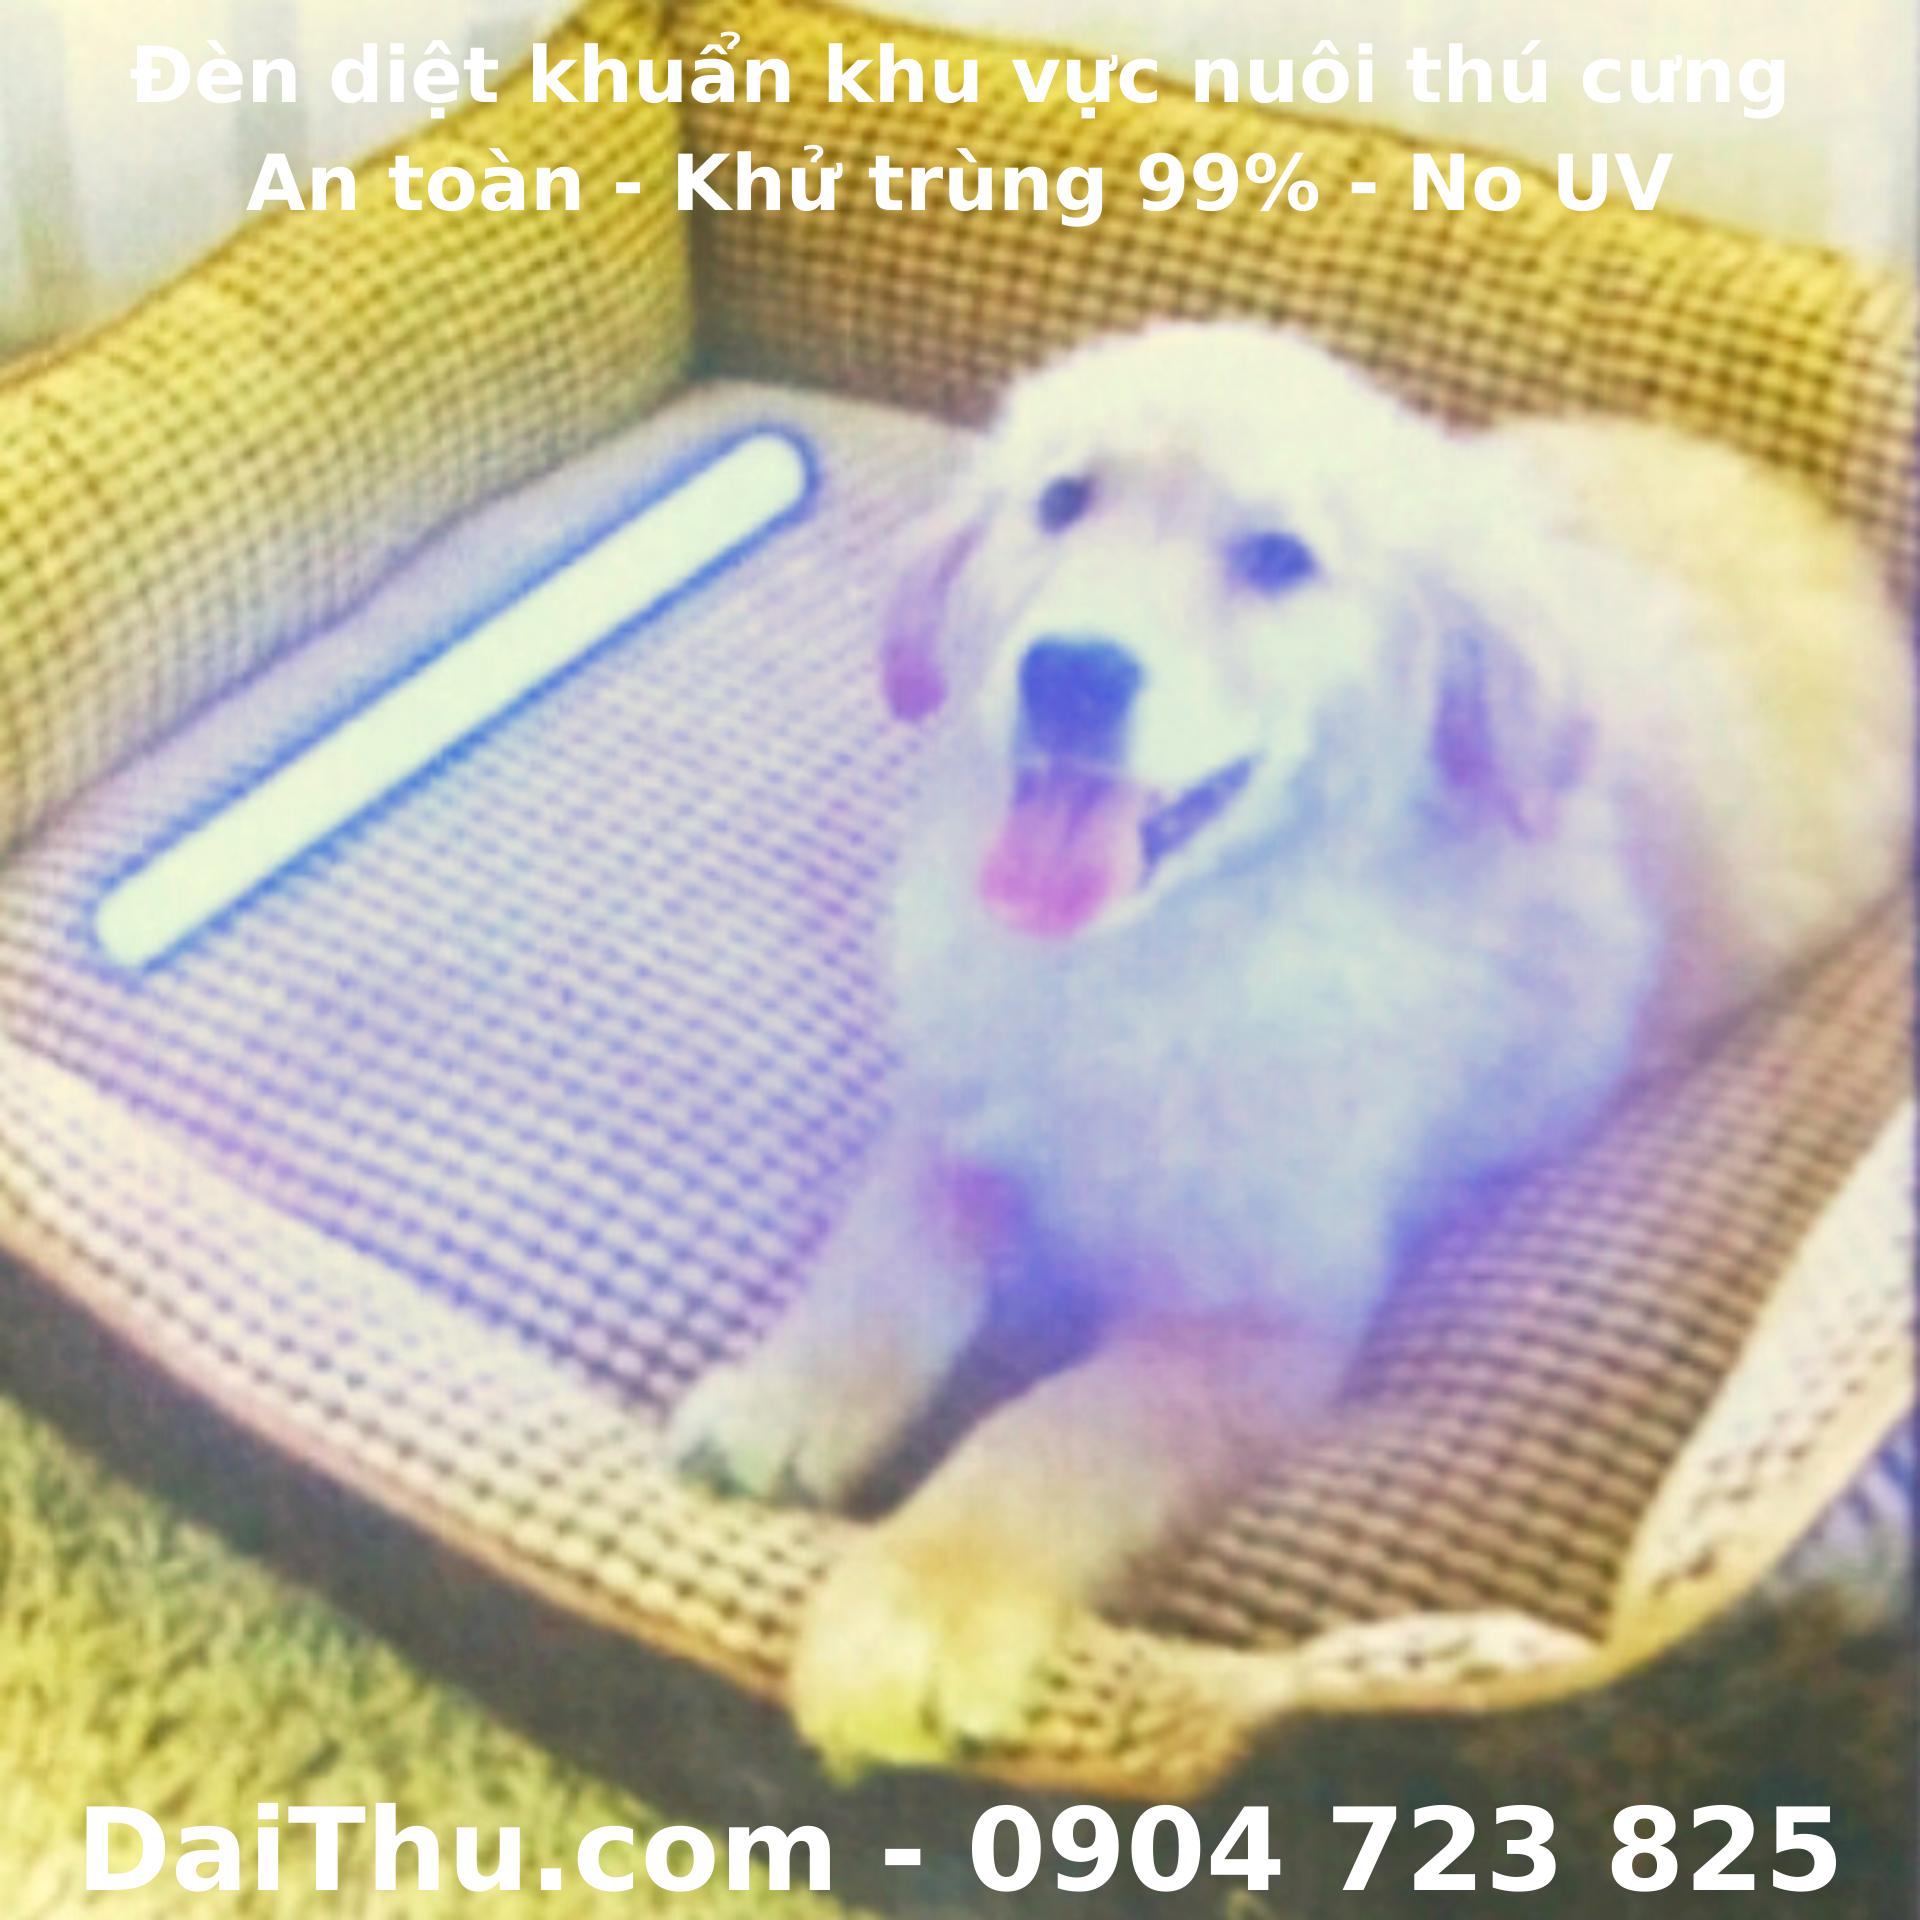 Đèn diệt khuẩn cho thú cưng - An toàn - Khử trùng 99% - No UV - Philips 405nm 5W